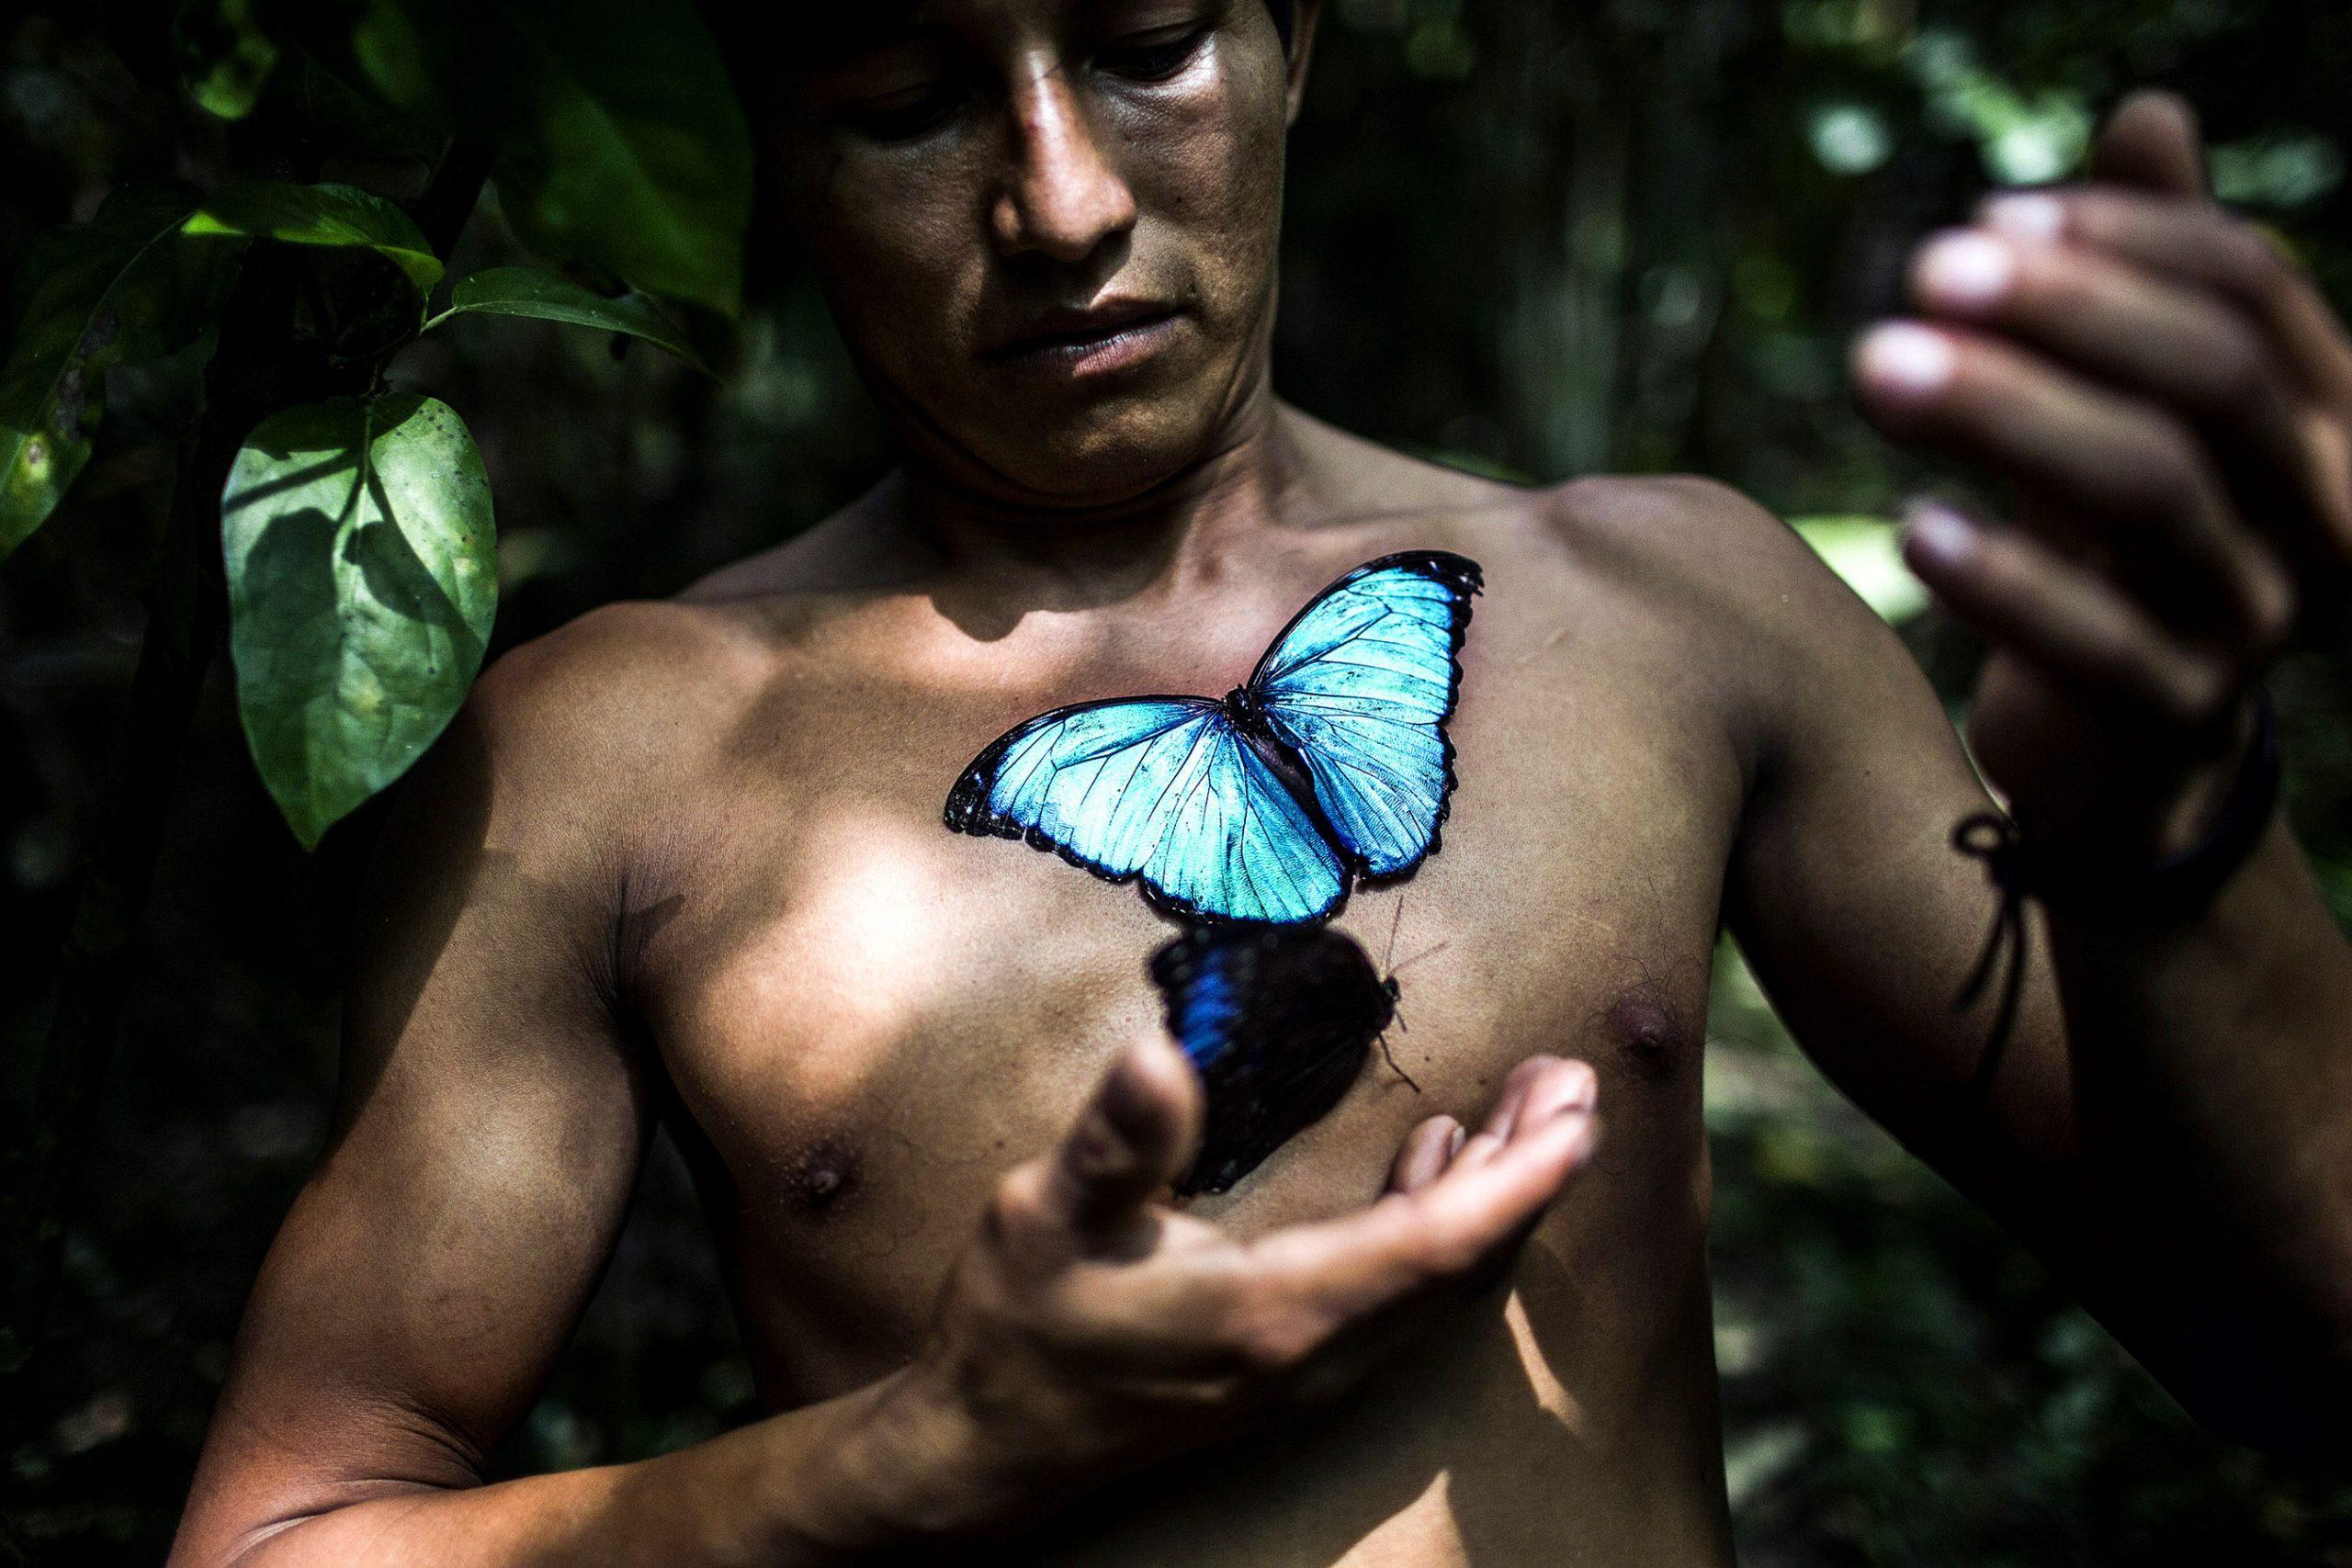 画象图象一个人和一只蝴蝶在秘鲁,南美。 哈维尔·阿塞尼利亚斯(Javier Arcenillas)摄影